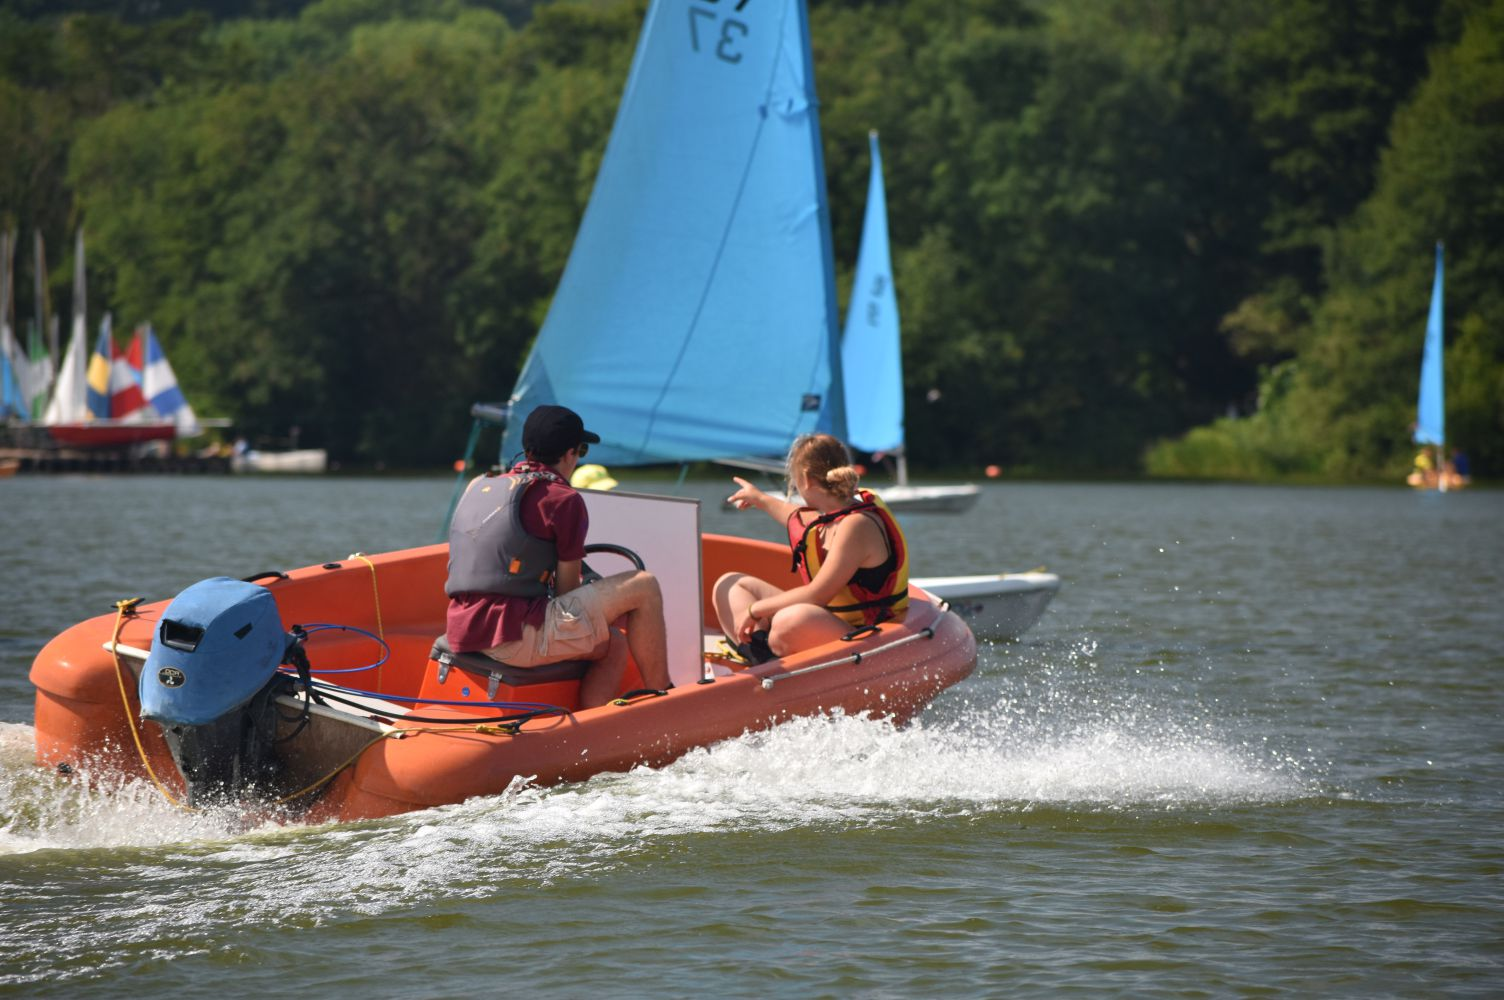 RYA Powerboat Level 1